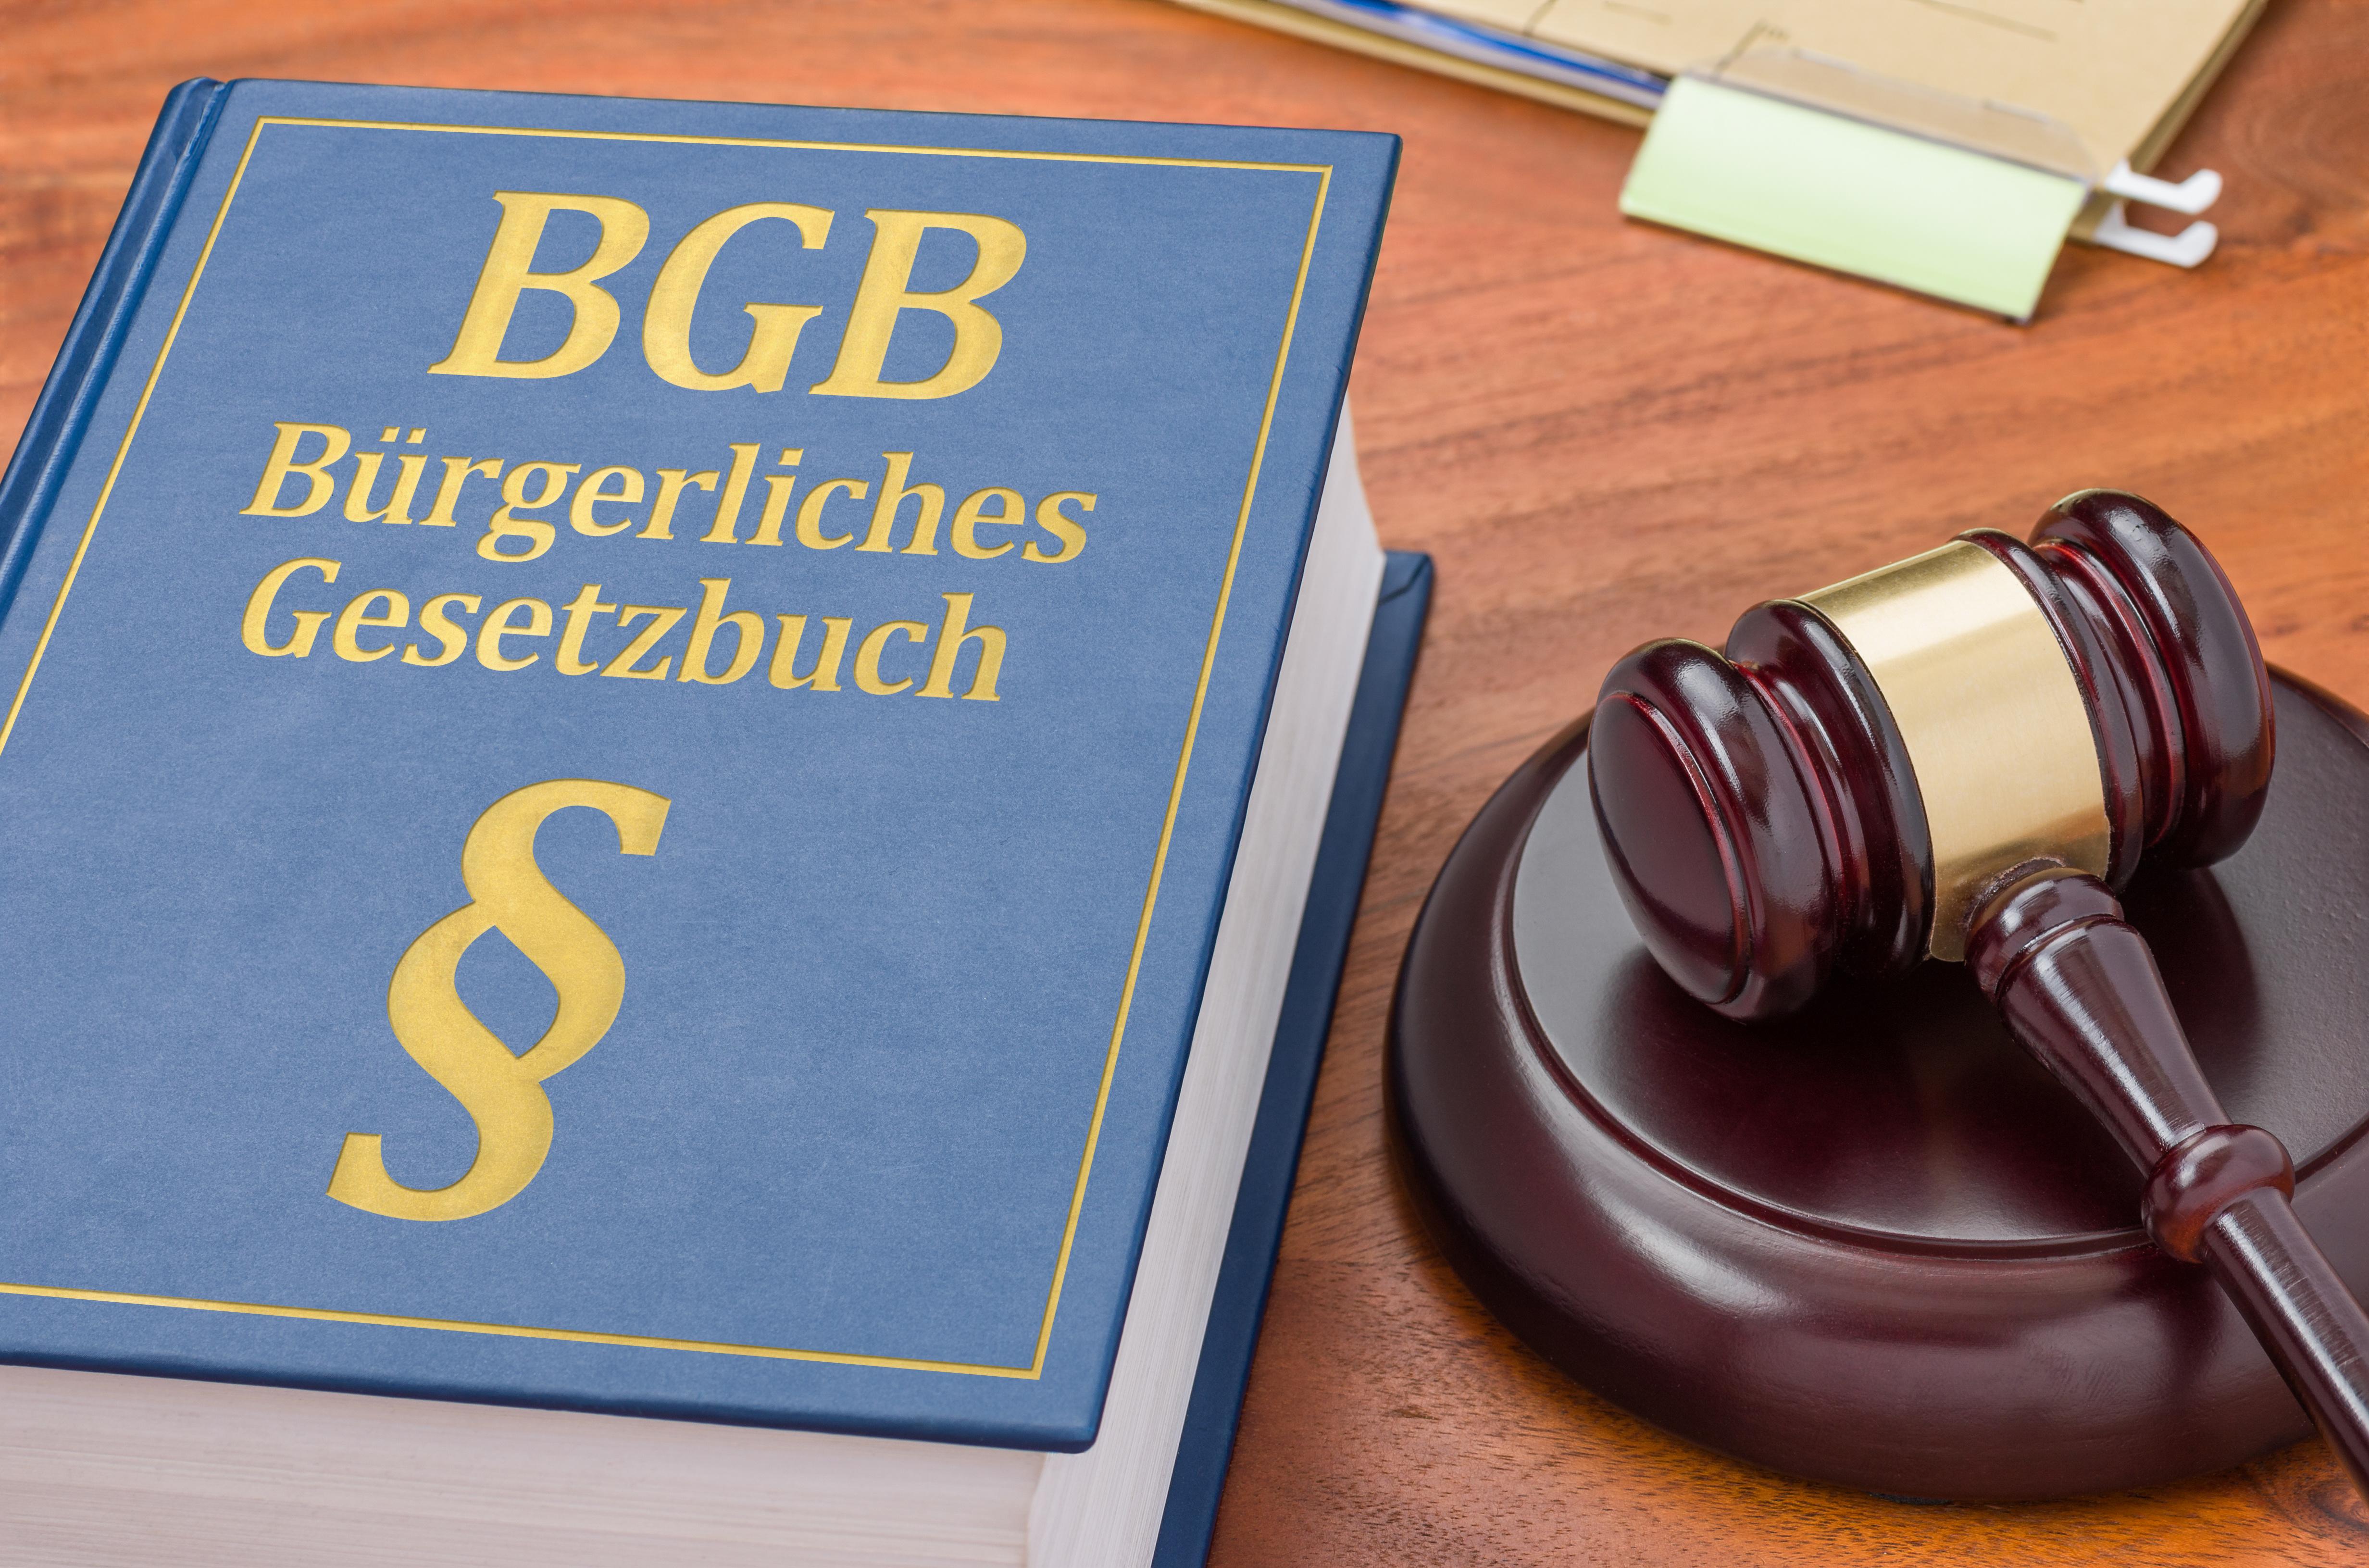 Gesetzbuch mit Richterhammer – Bürgerliches Gesetzbuch